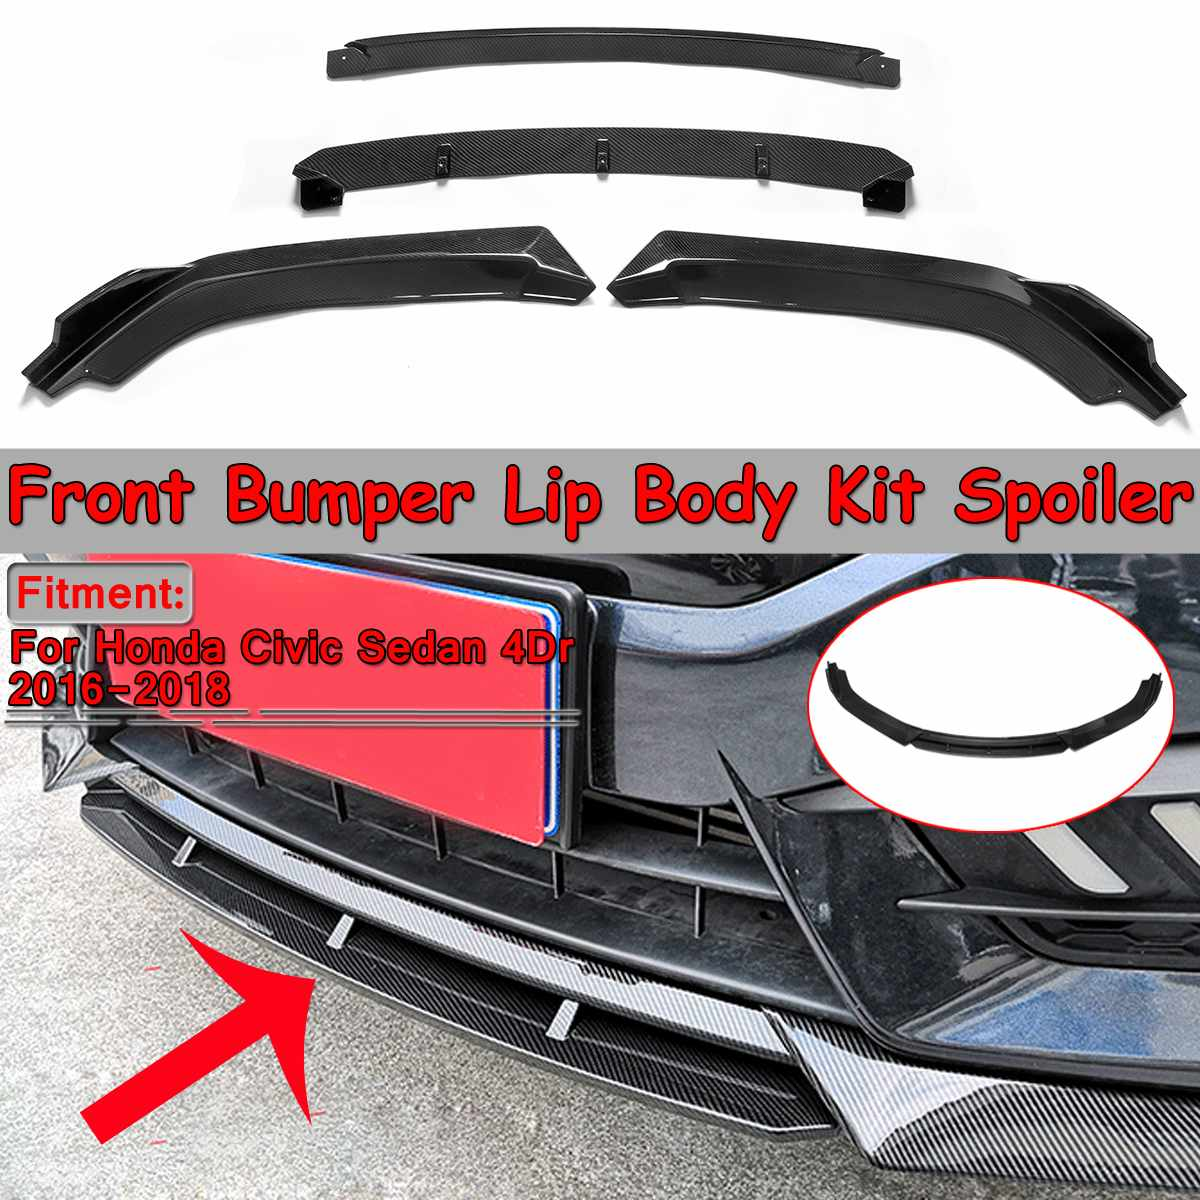 Yeni 4 adet araba ön ÖN TAMPON Splitter difüzör dudak gövde kiti Spoiler tamponlar koruyucu için Honda için Civic Sedan 4Dr 2016-2018